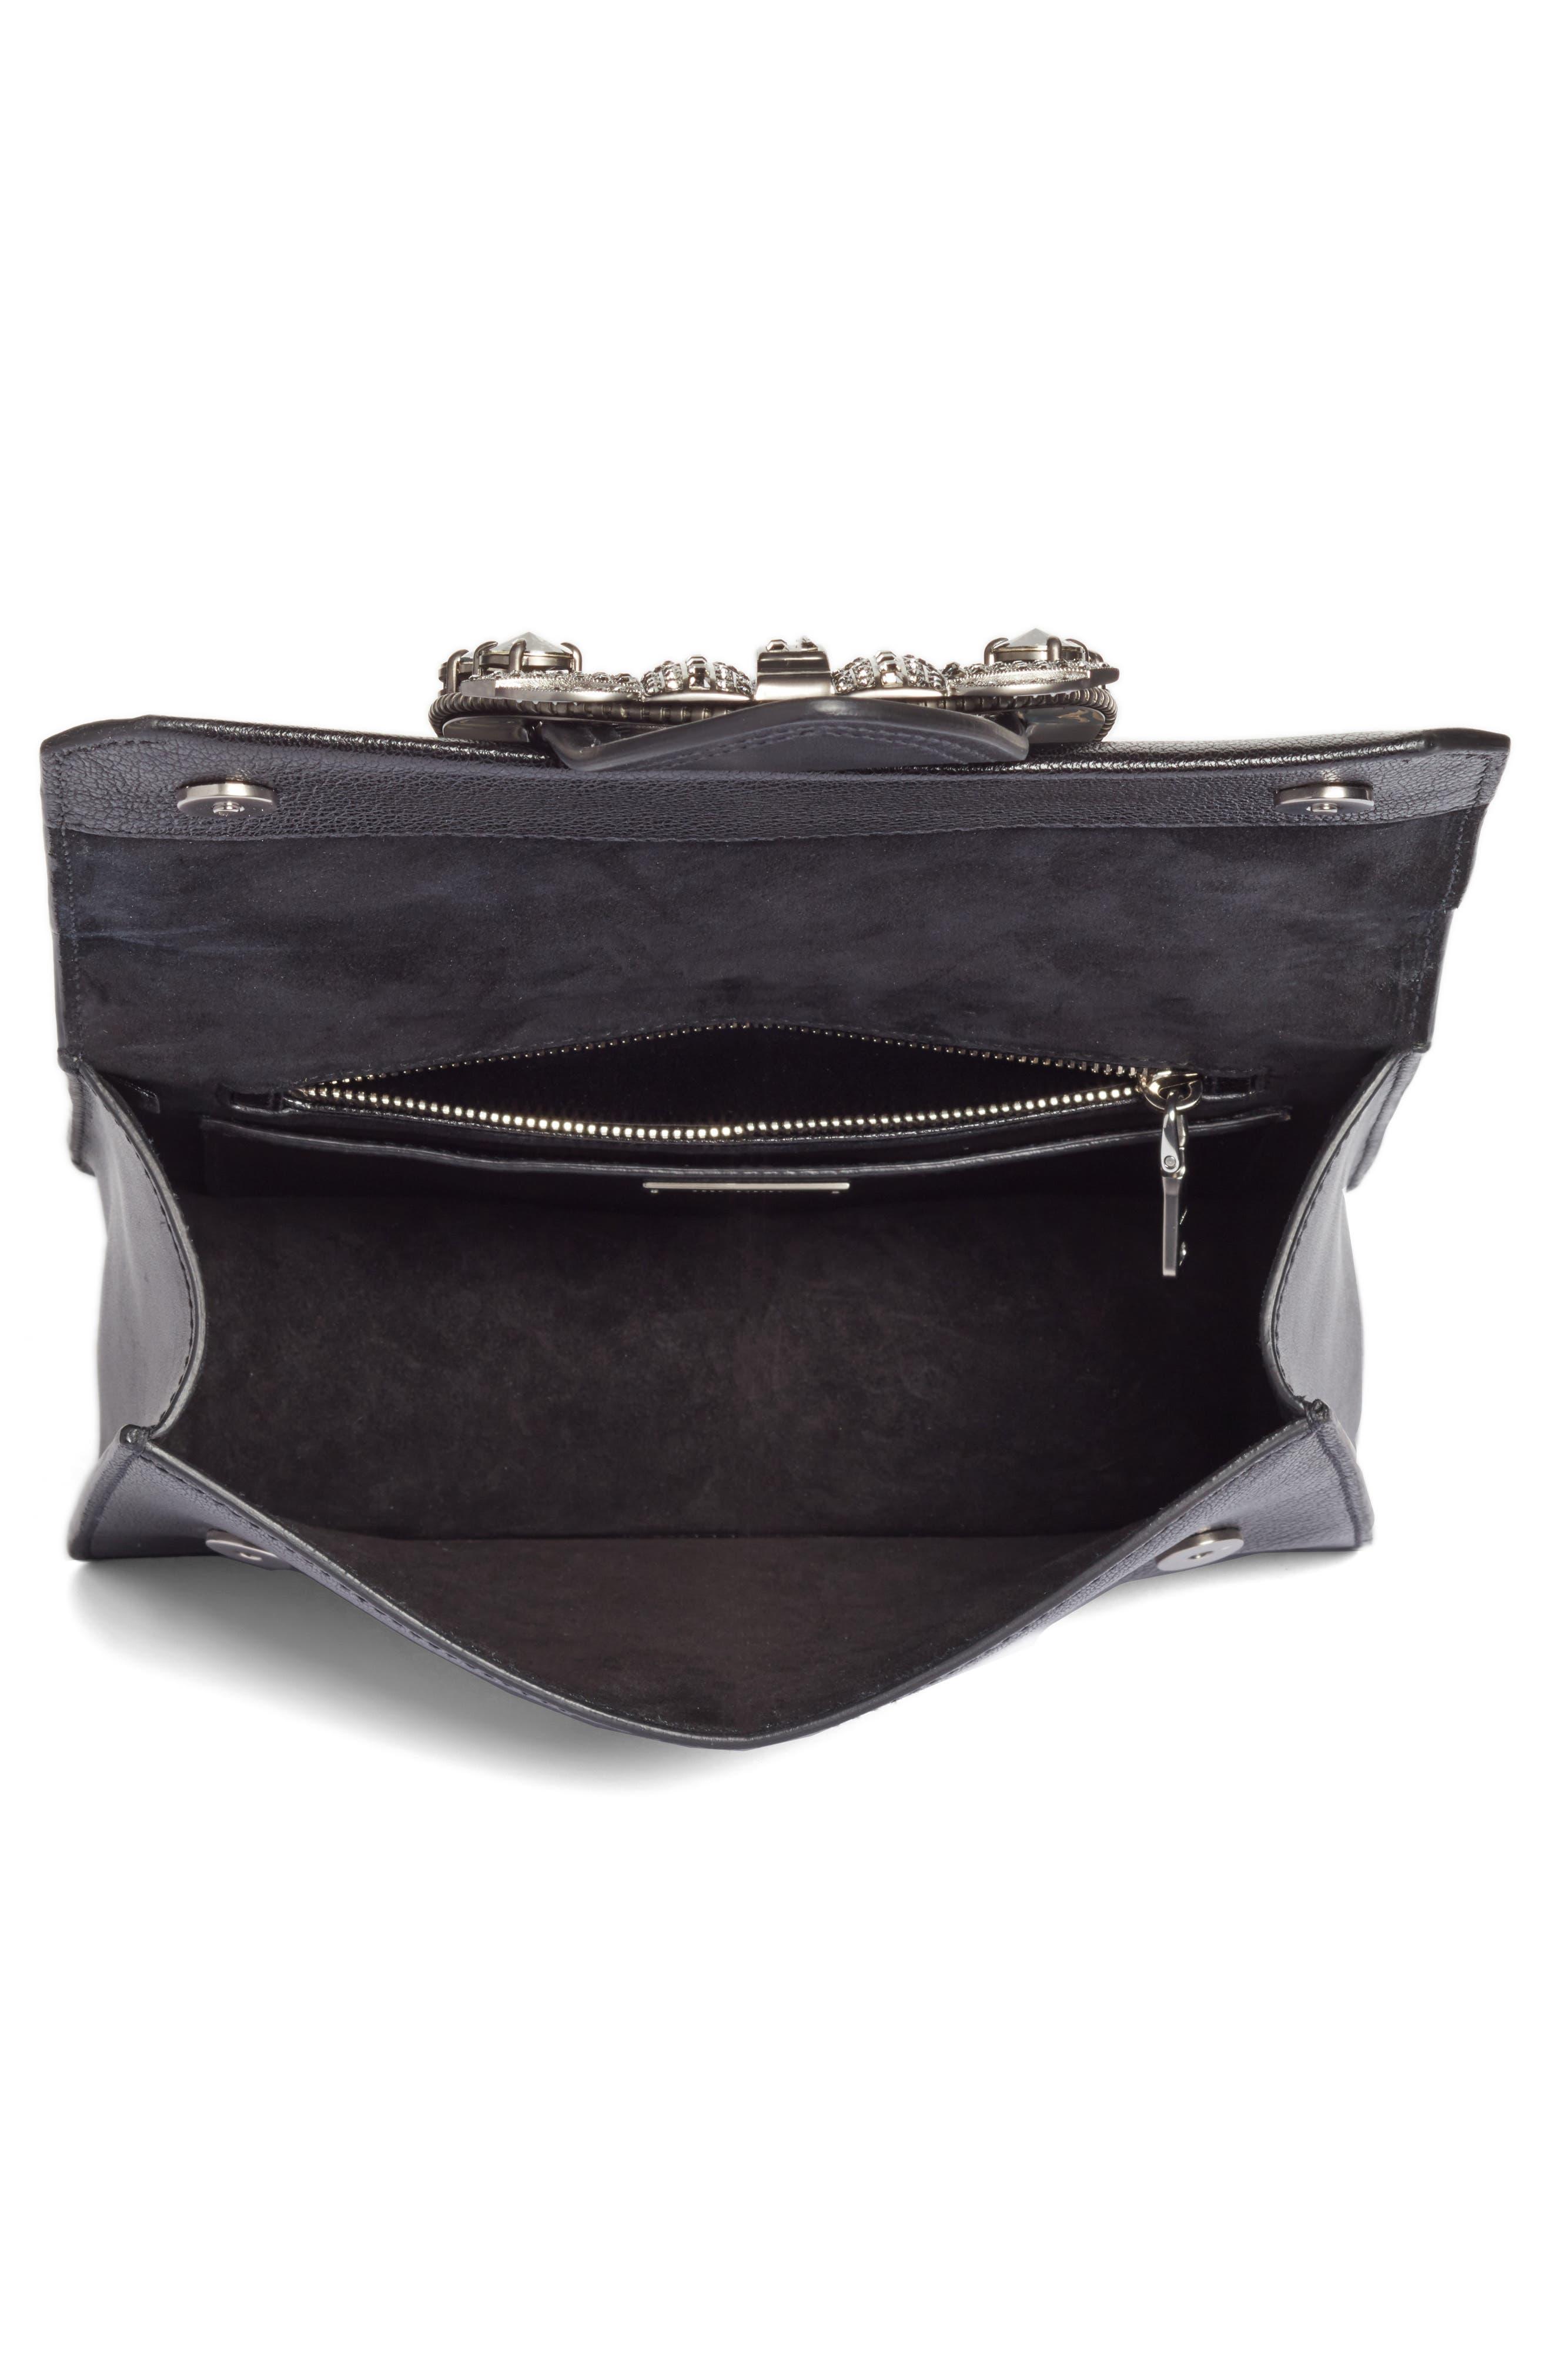 Madras Crystal Embellished Leather Shoulder Bag,                             Alternate thumbnail 4, color,                             Black